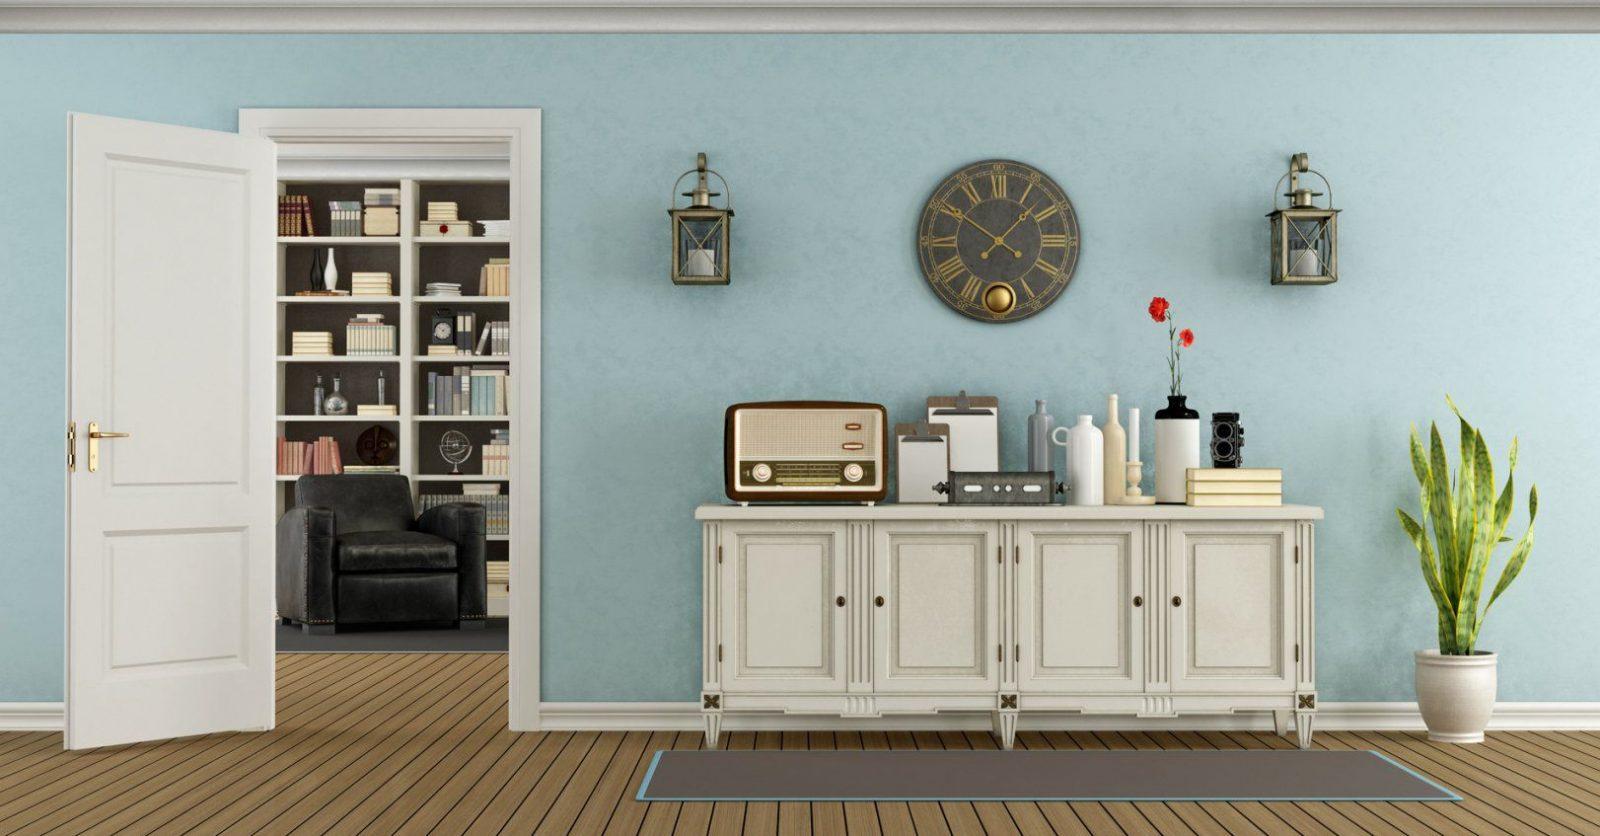 Schöner Wohnen Mit Farbe 5 Tipps Für Den Richtigen Farbmix von Schöner Wohnen Farbe Petrol Bild